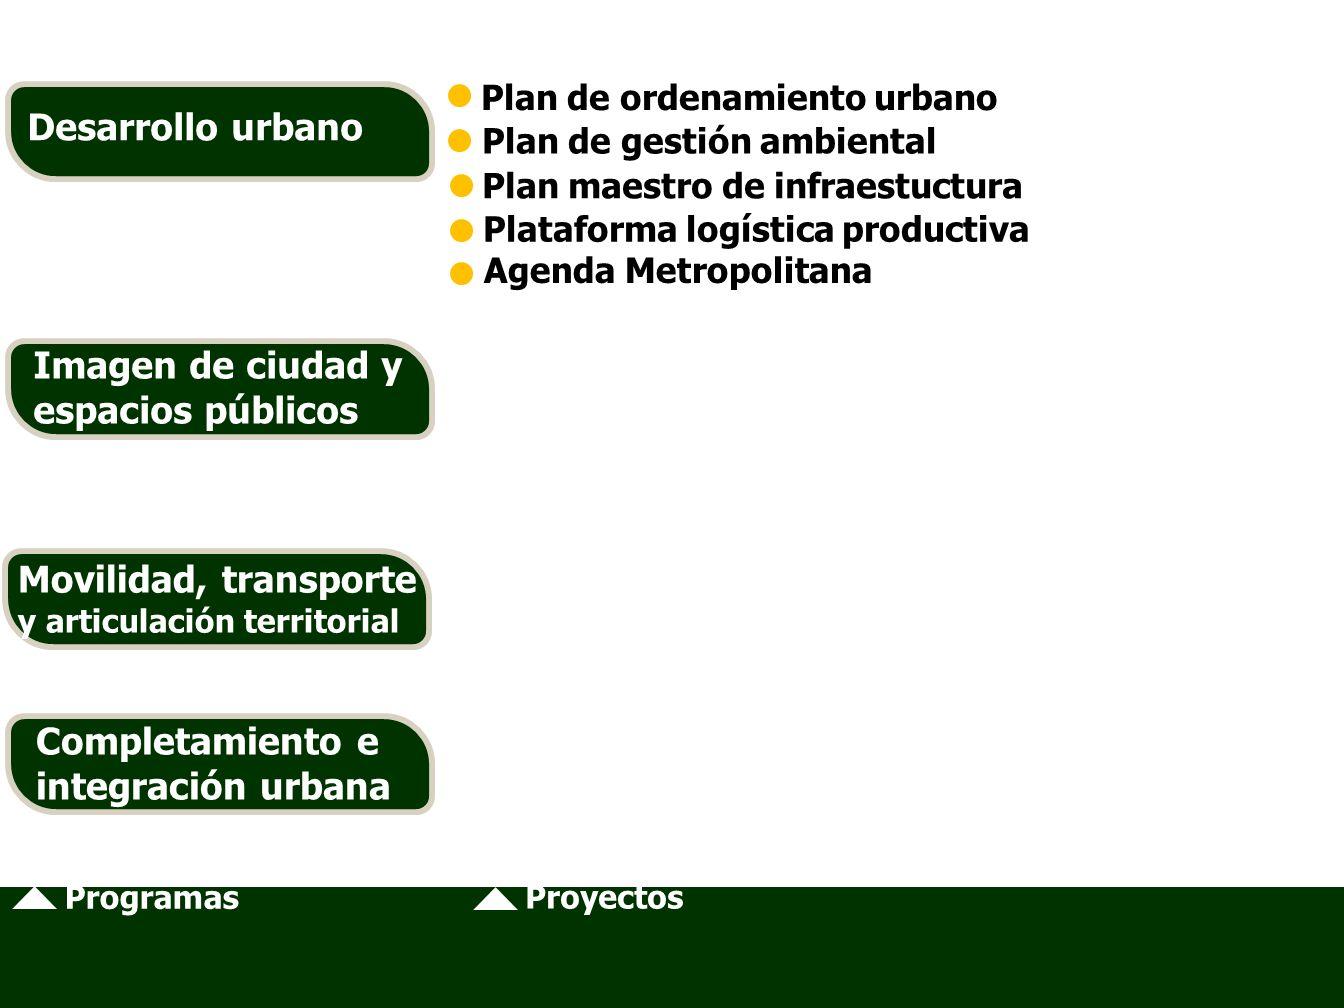 Plan de ordenamiento urbano Plan de gestión ambiental Plan maestro de infraestuctura Plataforma logística productiva Agenda Metropolitana Movilidad, transporte y articulación territorial Programas Proyectos Desarrollo urbano Imagen de ciudad y espacios públicos Movilidad, transporte y articulación territorial Completamiento e integración urbana